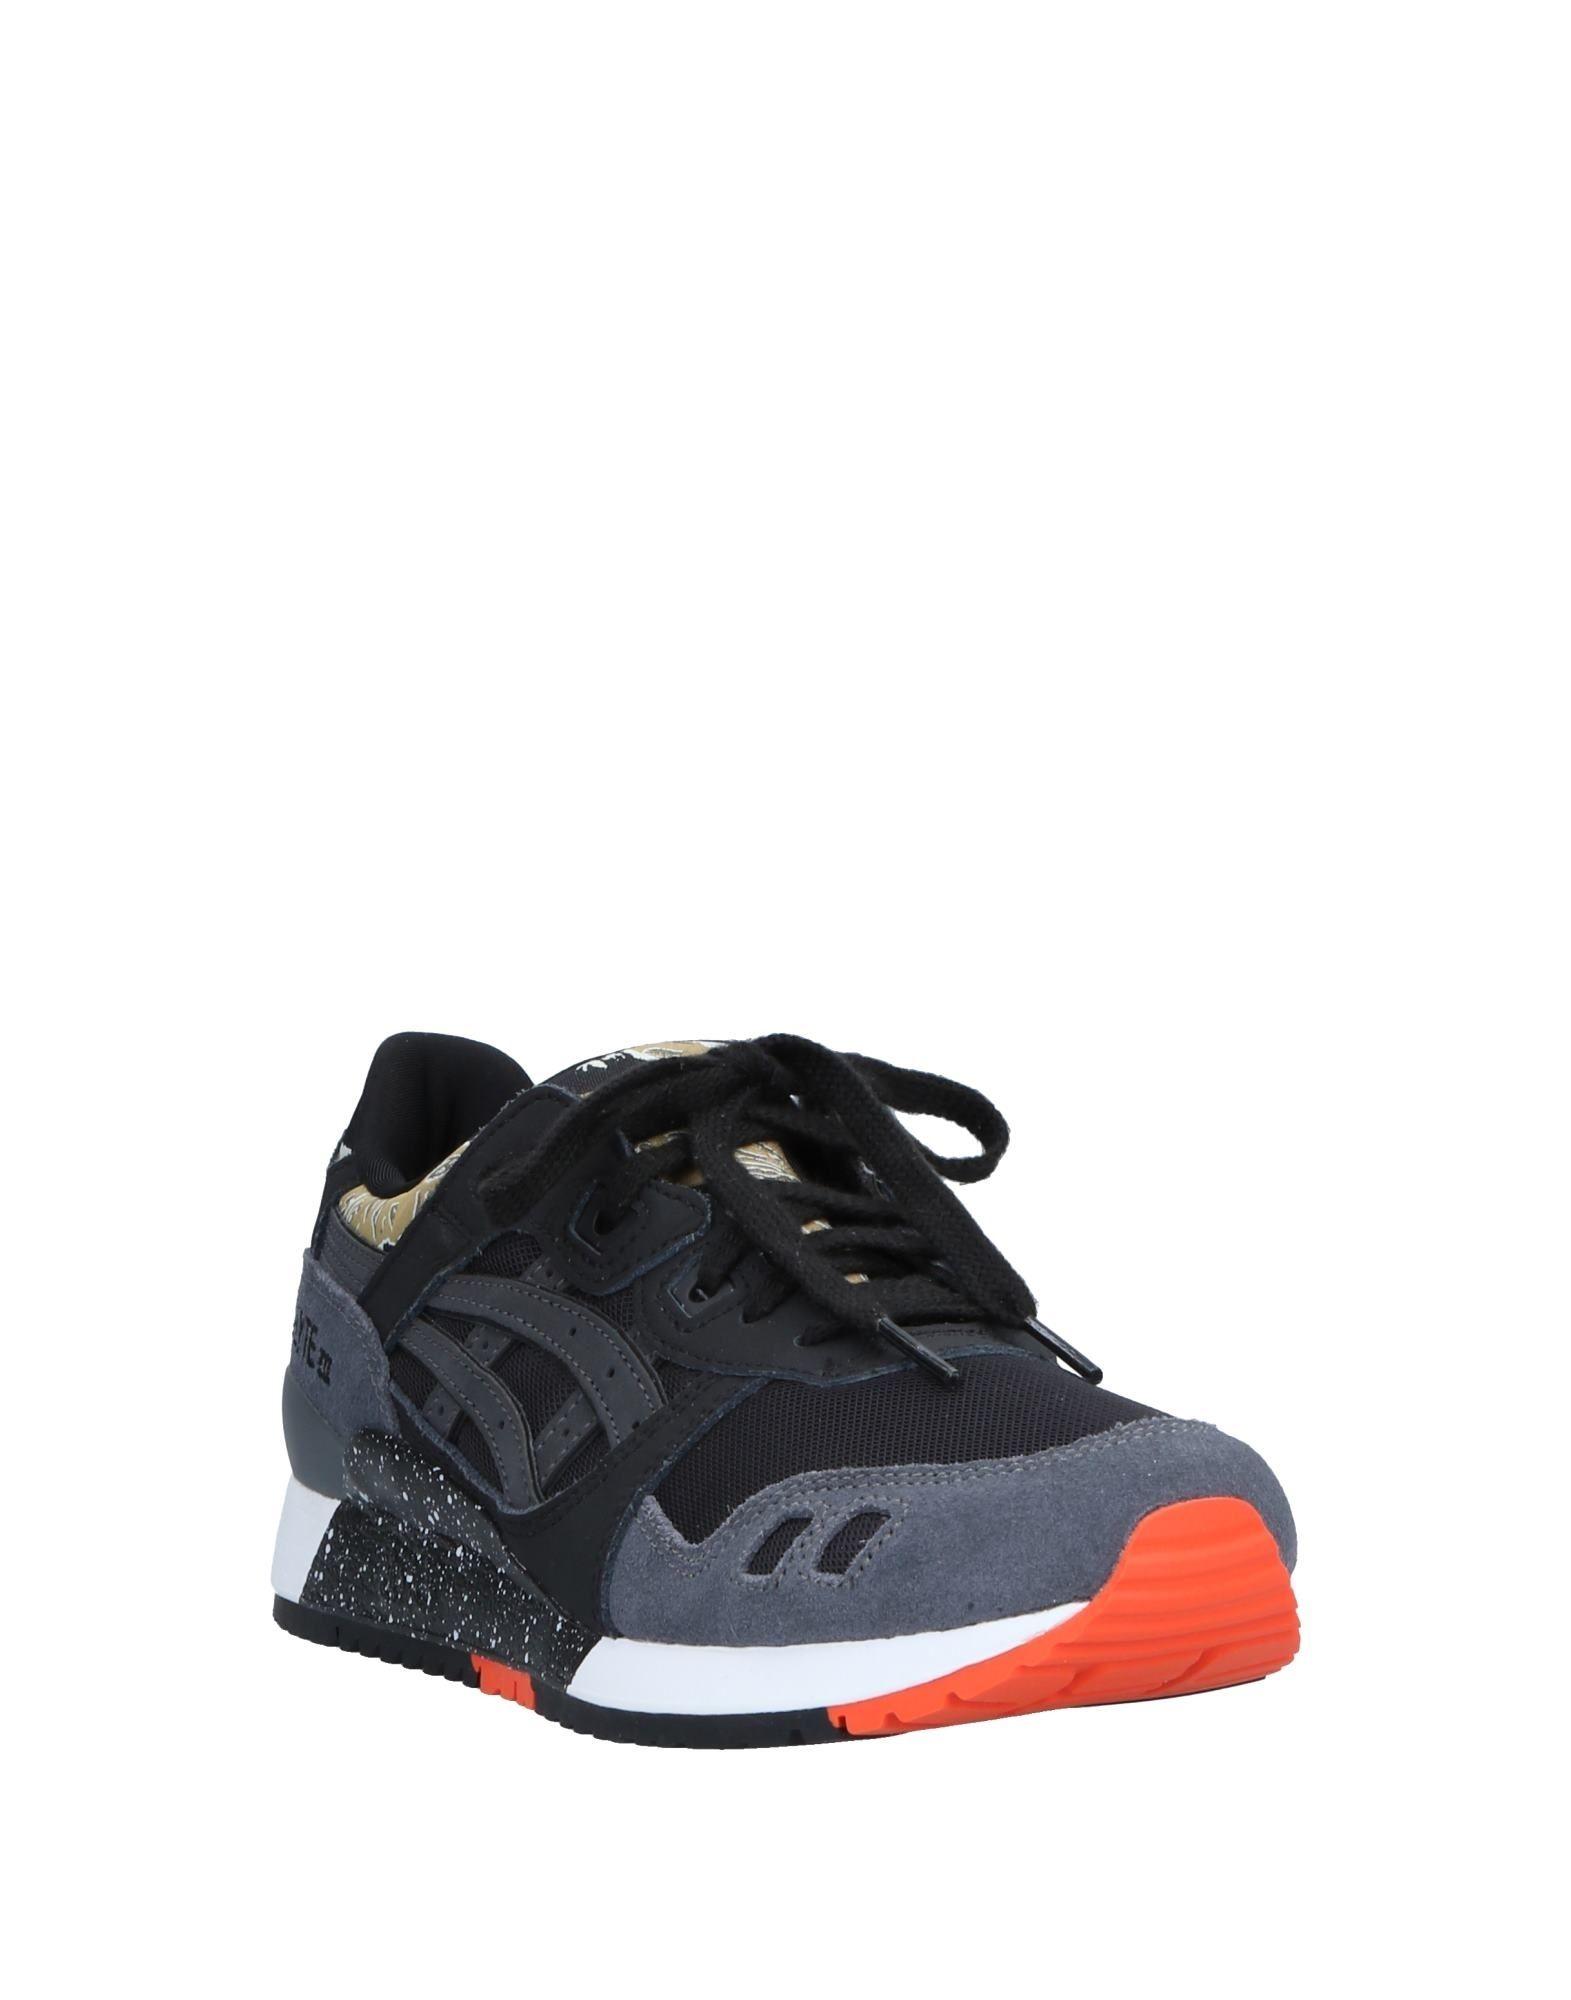 Rabatt echte  Schuhe Asics Sneakers Herren  echte 11543436LT 09917f